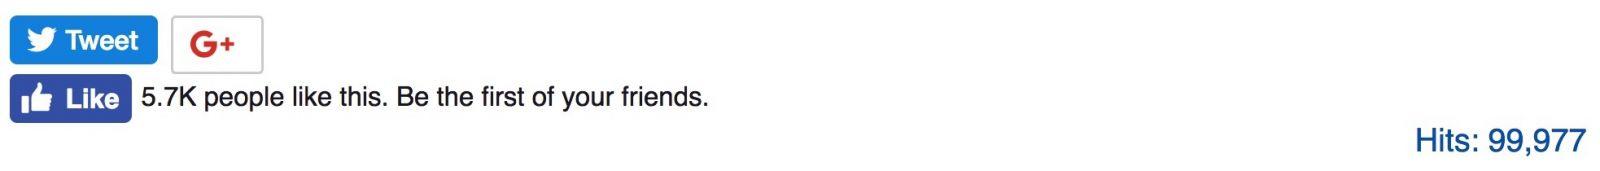 Дэвид Уилкок - Потрясающие новые брифинги: Массовые обвинения, целевые аресты и Раскрытие Часть I, раздел 2 387_3